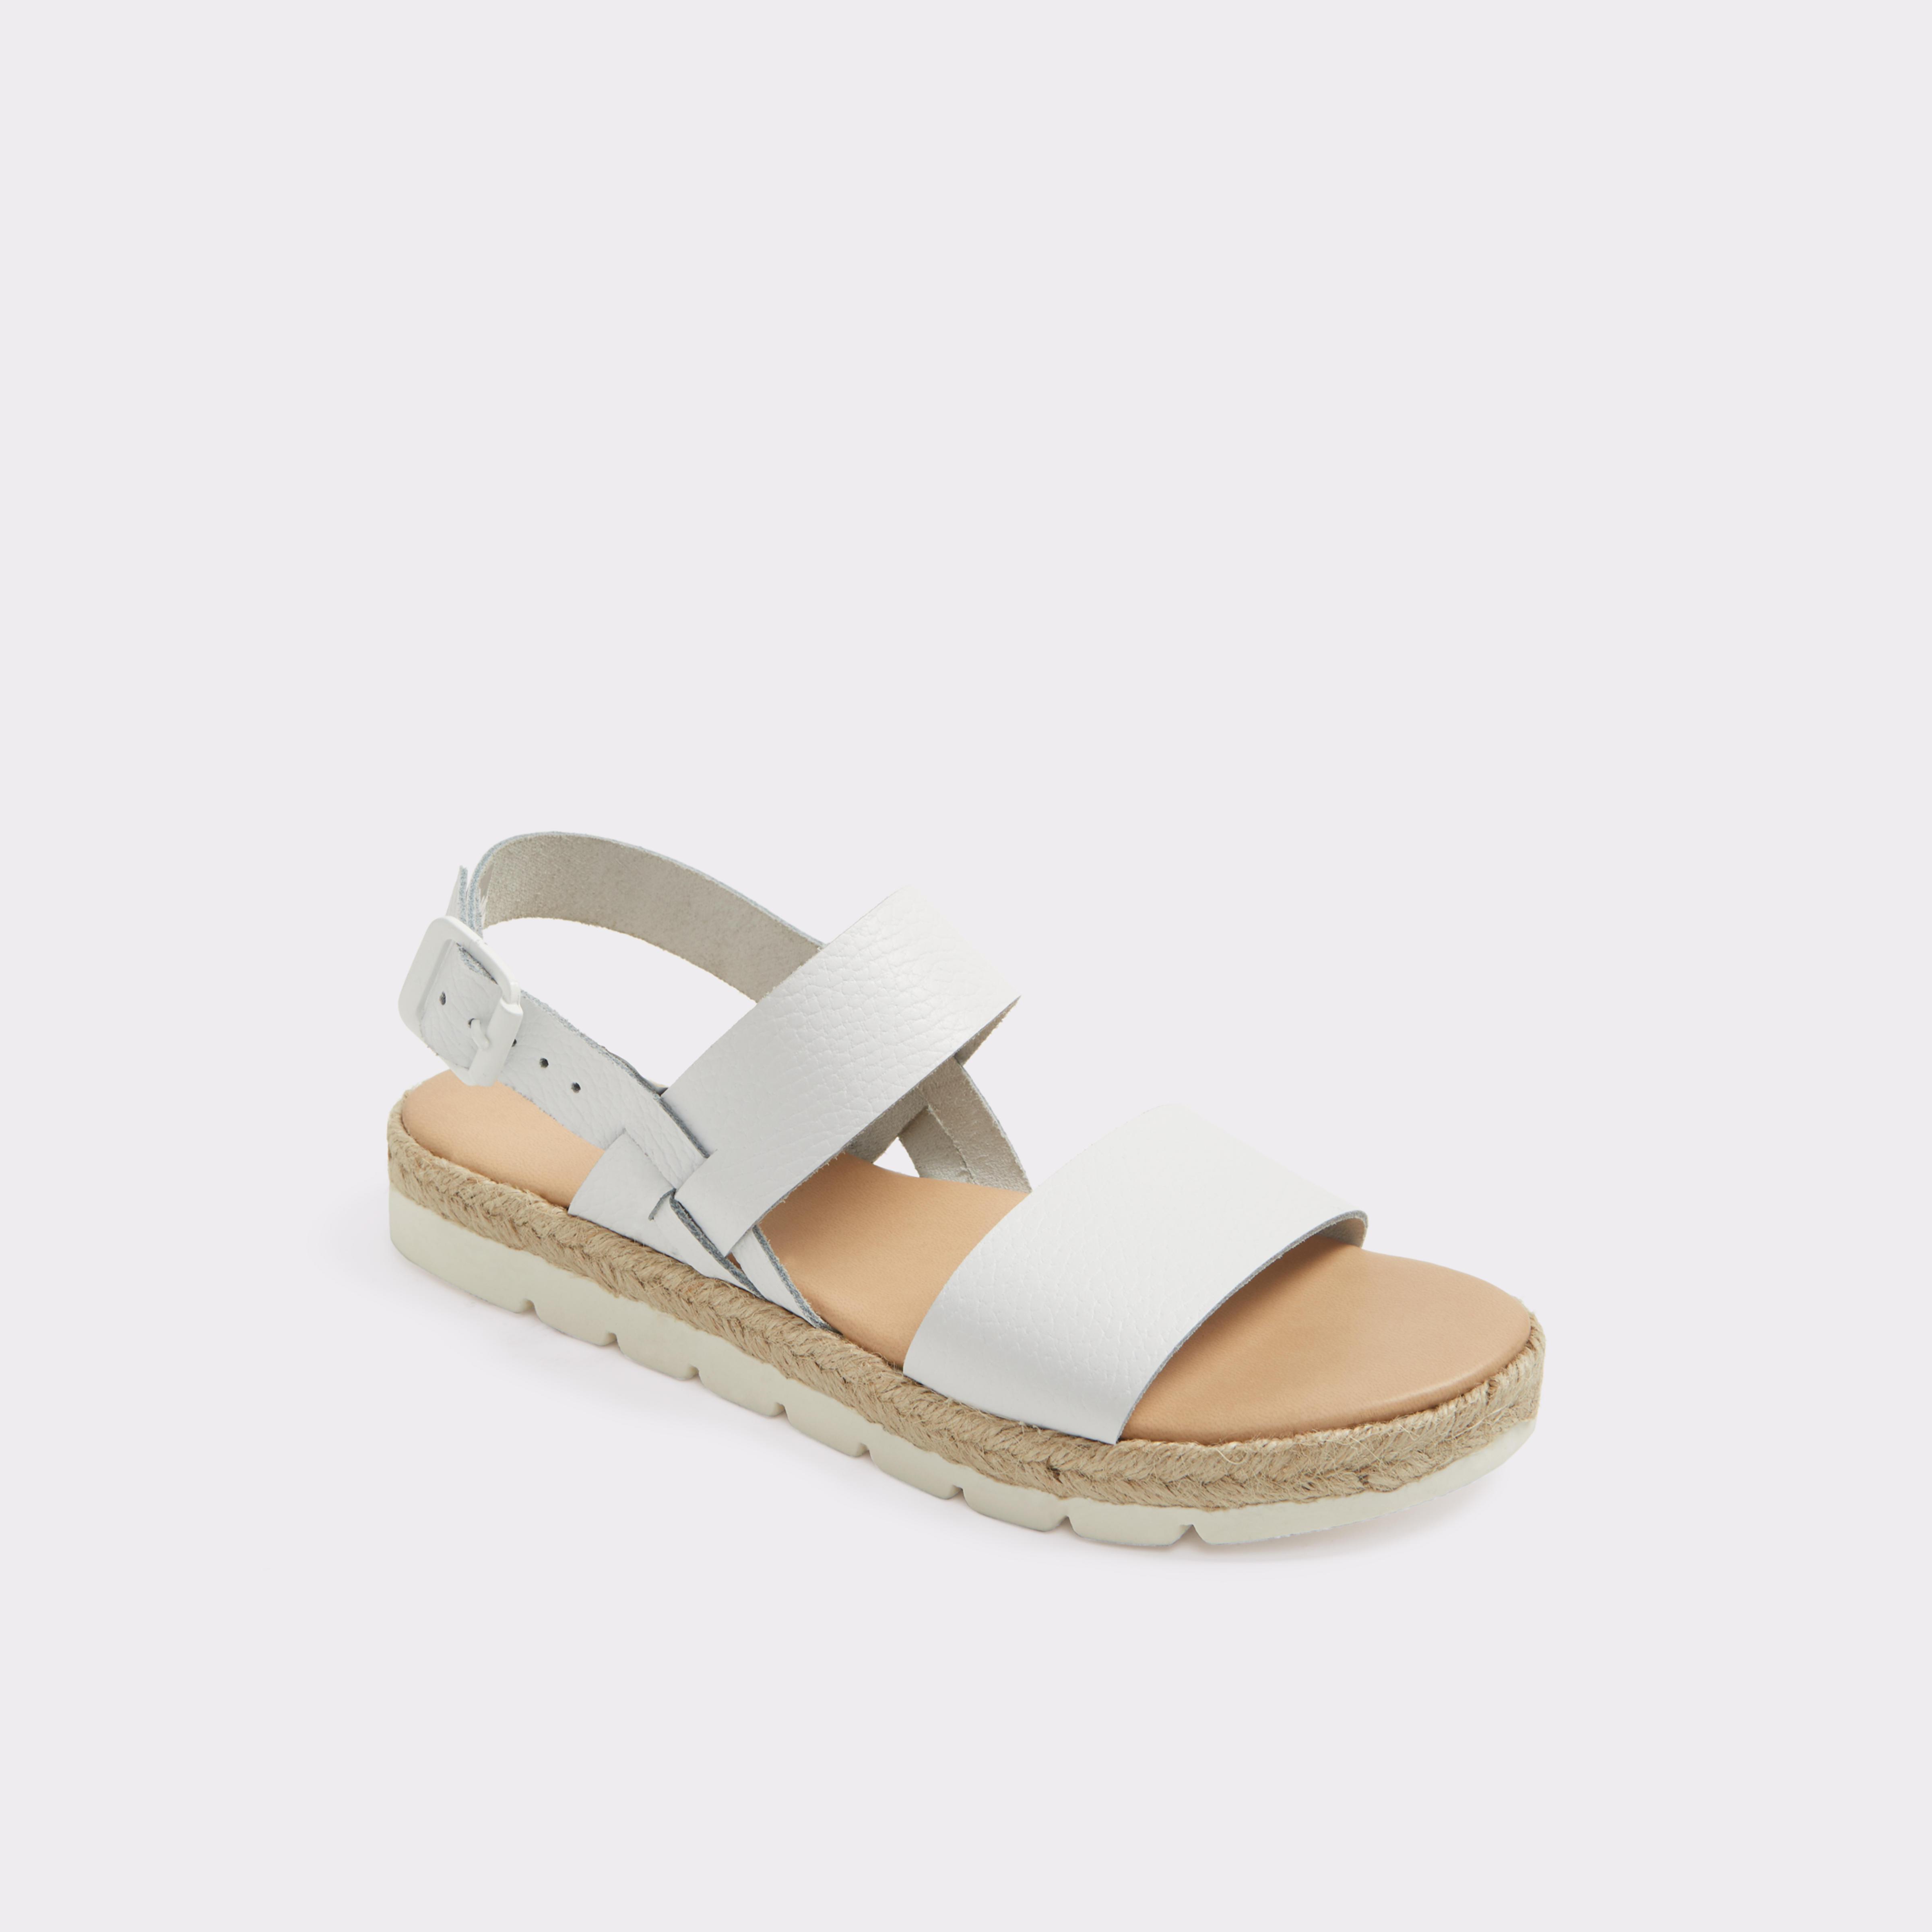 Aldo Lovywien Flat Sandal - , Women